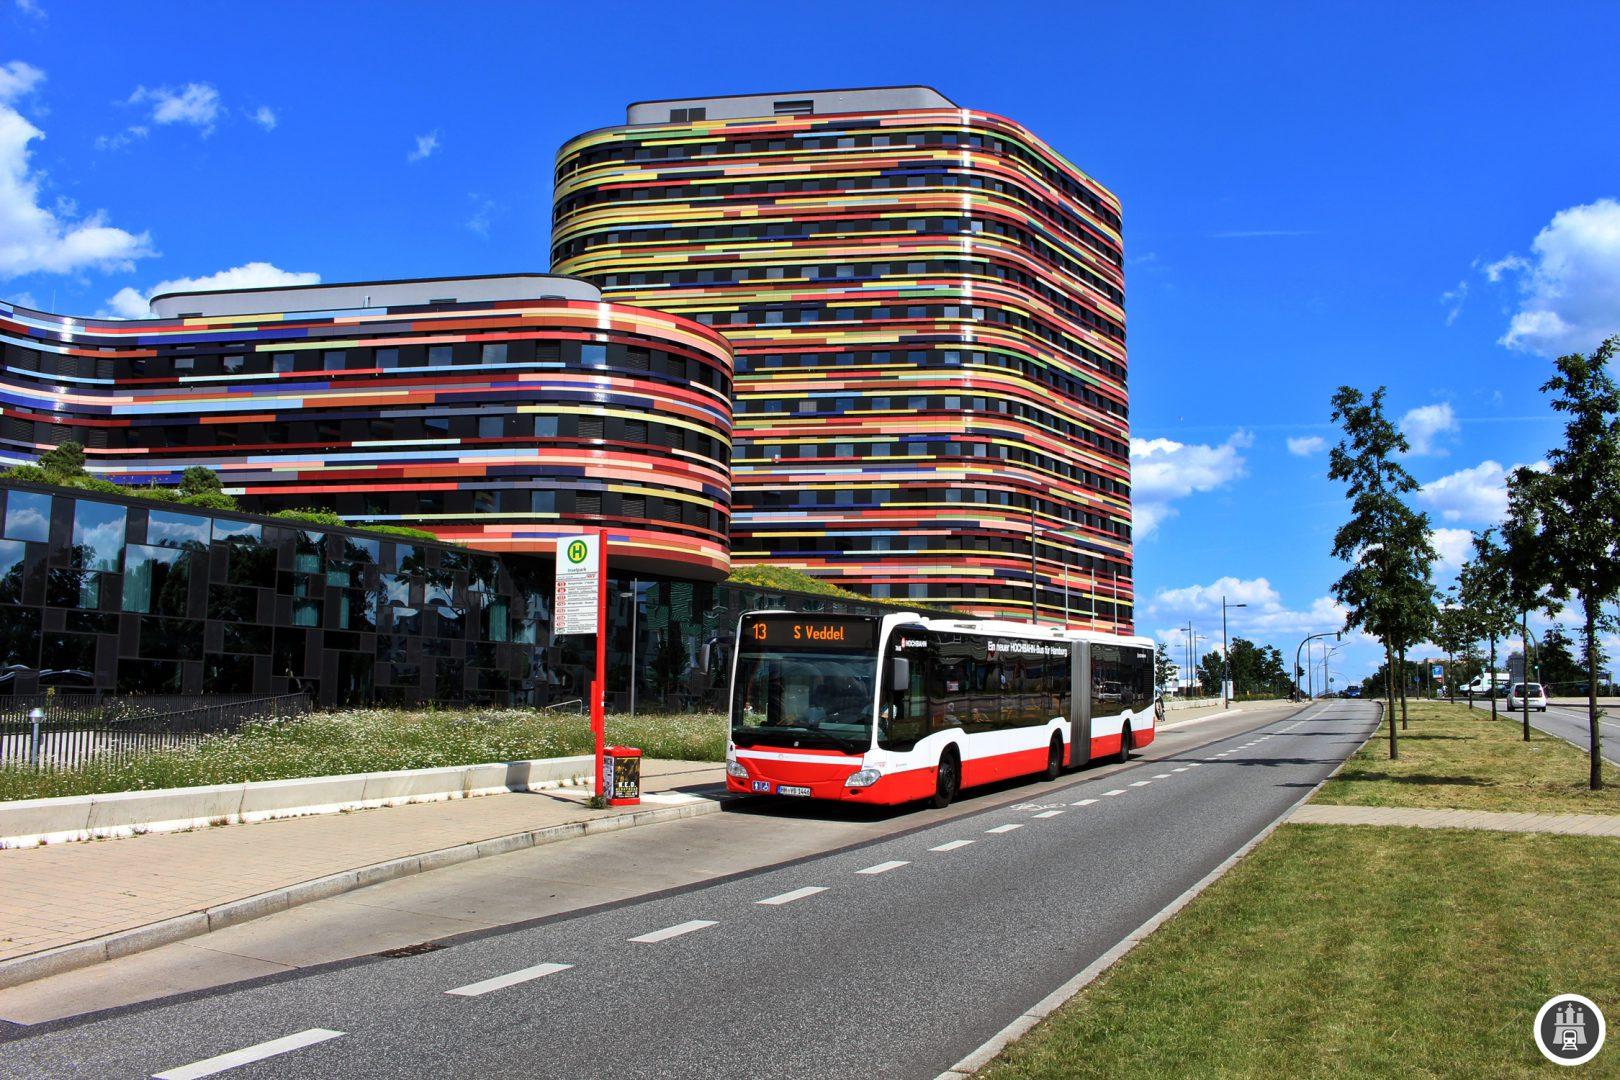 """Der Inselpark entstand erst 2013 im Rahmen der Internationalen Gartenschau, ist aber heute eine grüne Oase auf der Elbinsel. Durch die Bau- und Gartenaustellung 2013 hat Wilhelmsburg einen großen Schub in Sachen Stadtentwicklung bekommen, allerdings beschleunigte dies auch die allgemeine Verteuerung der Wohnräume. Im Hintergrund ist die Behörde für Stadtentwicklung und Umwelt zu sehen, welche im Rahmen des """"Sprunges über die Elbe"""" als erste Behörde südlich der Elbe beheimatet ist."""